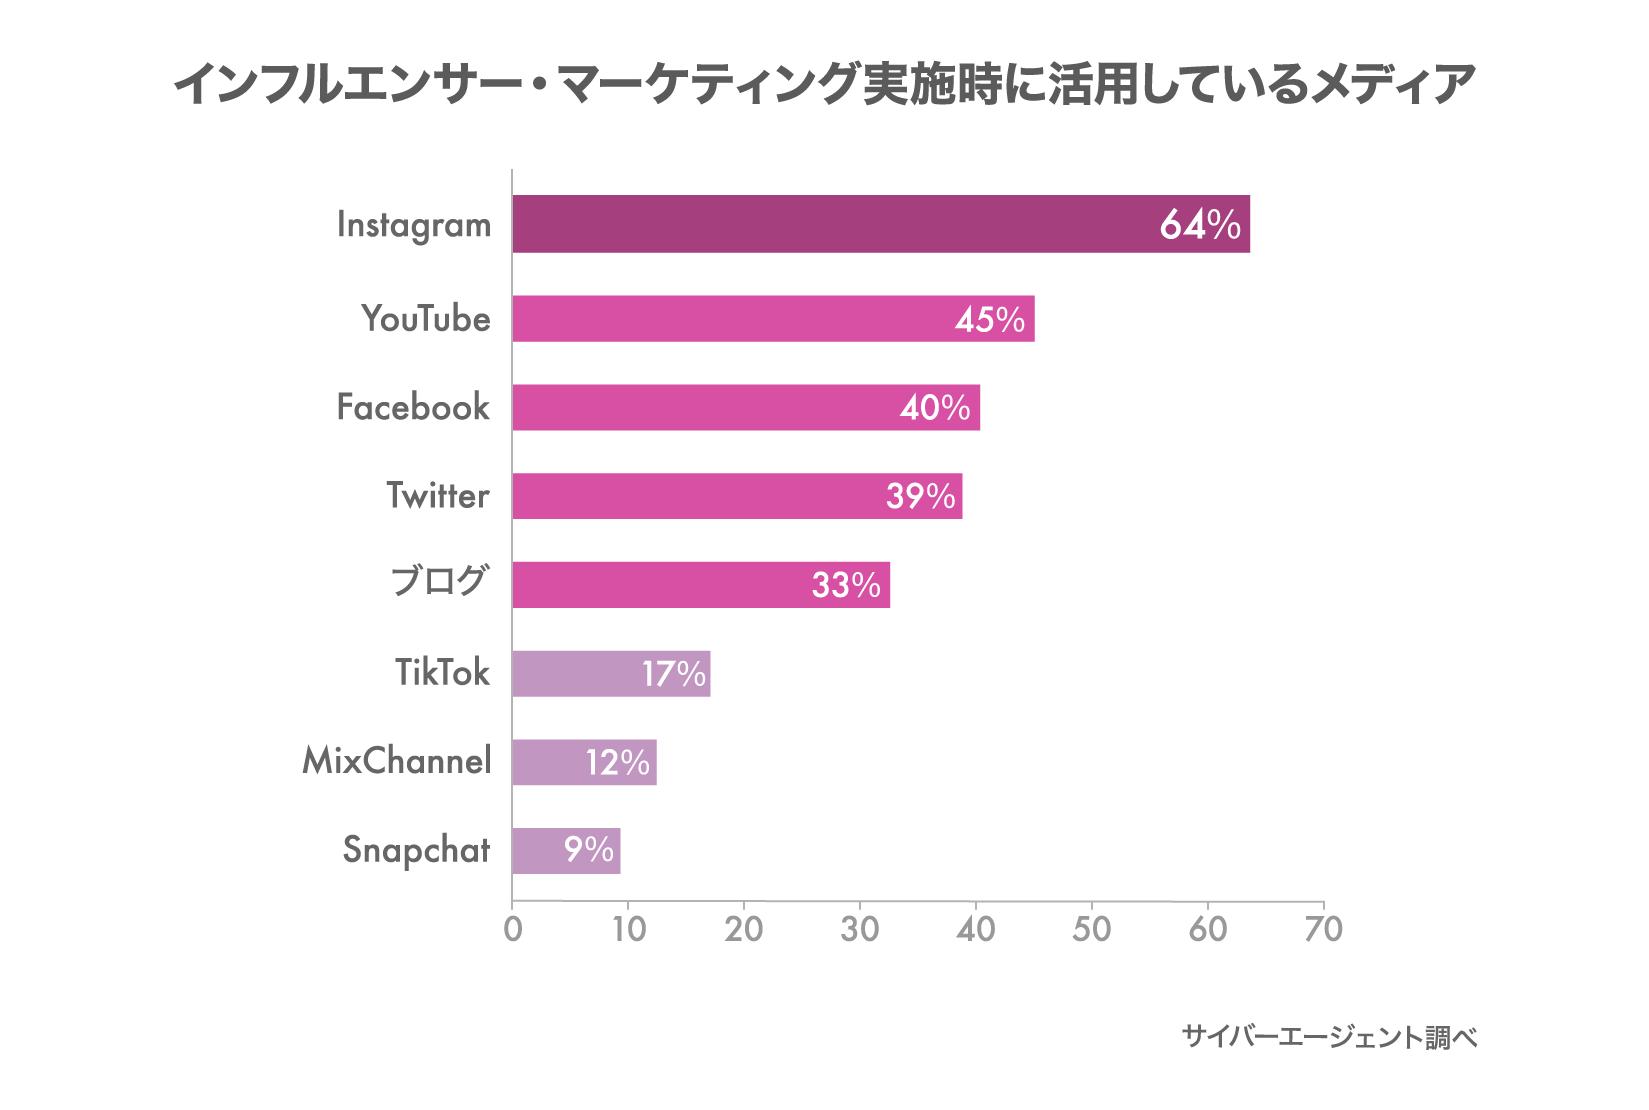 グラフ:インフルエンサー・マーケティング実施時に活用しているメディア